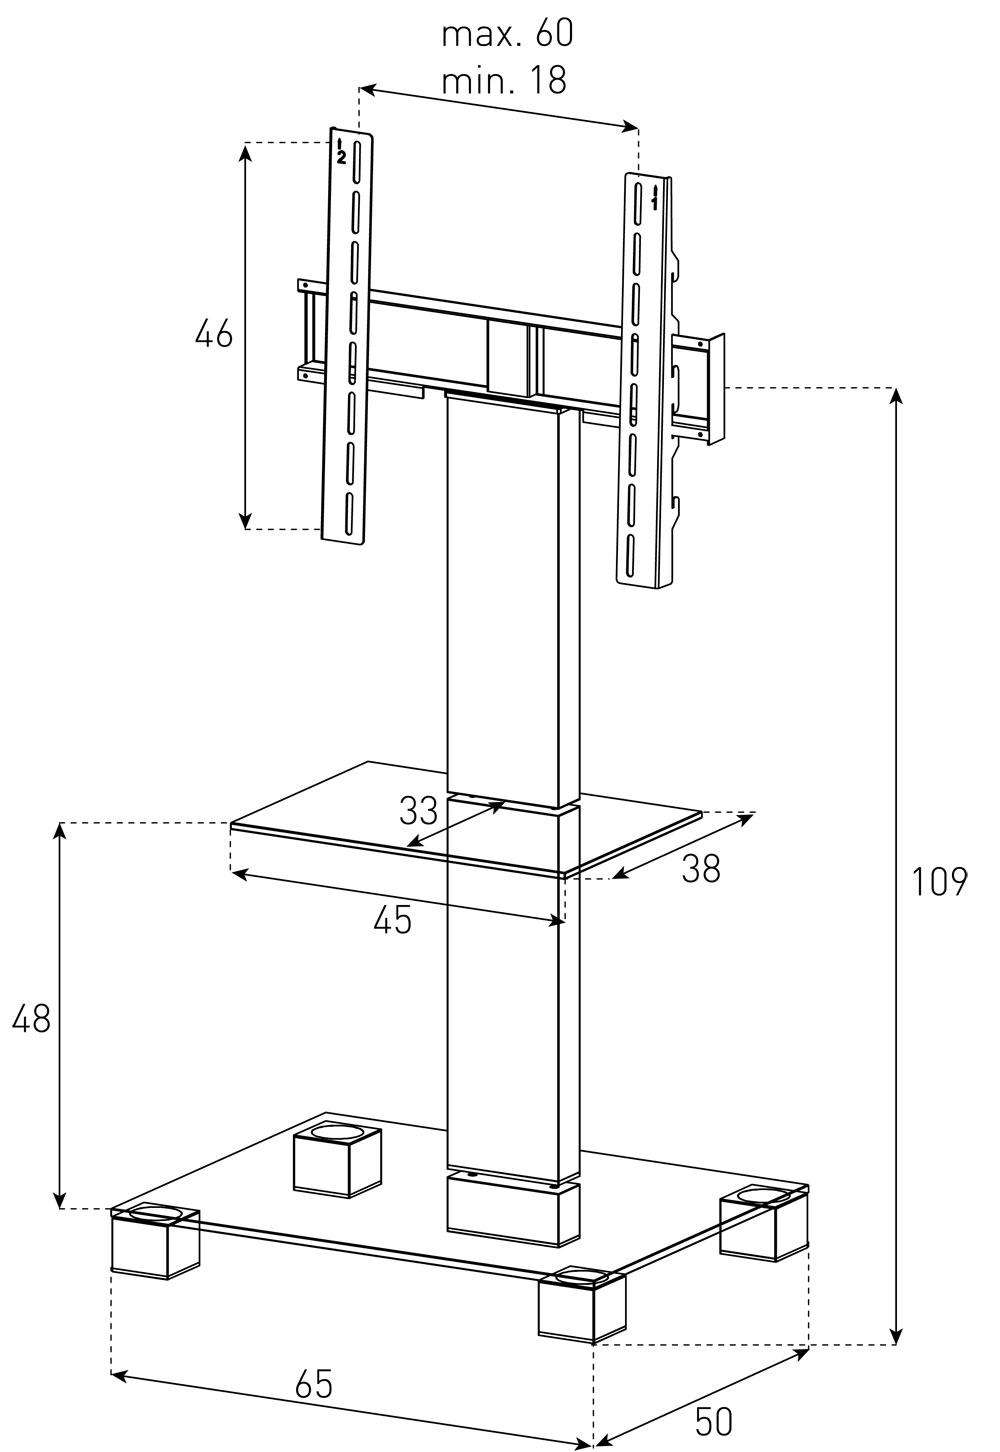 dimension sonorous meuble tv pl2515 b inx verre noir et inox avec support tv - Meuble Tv Dimension